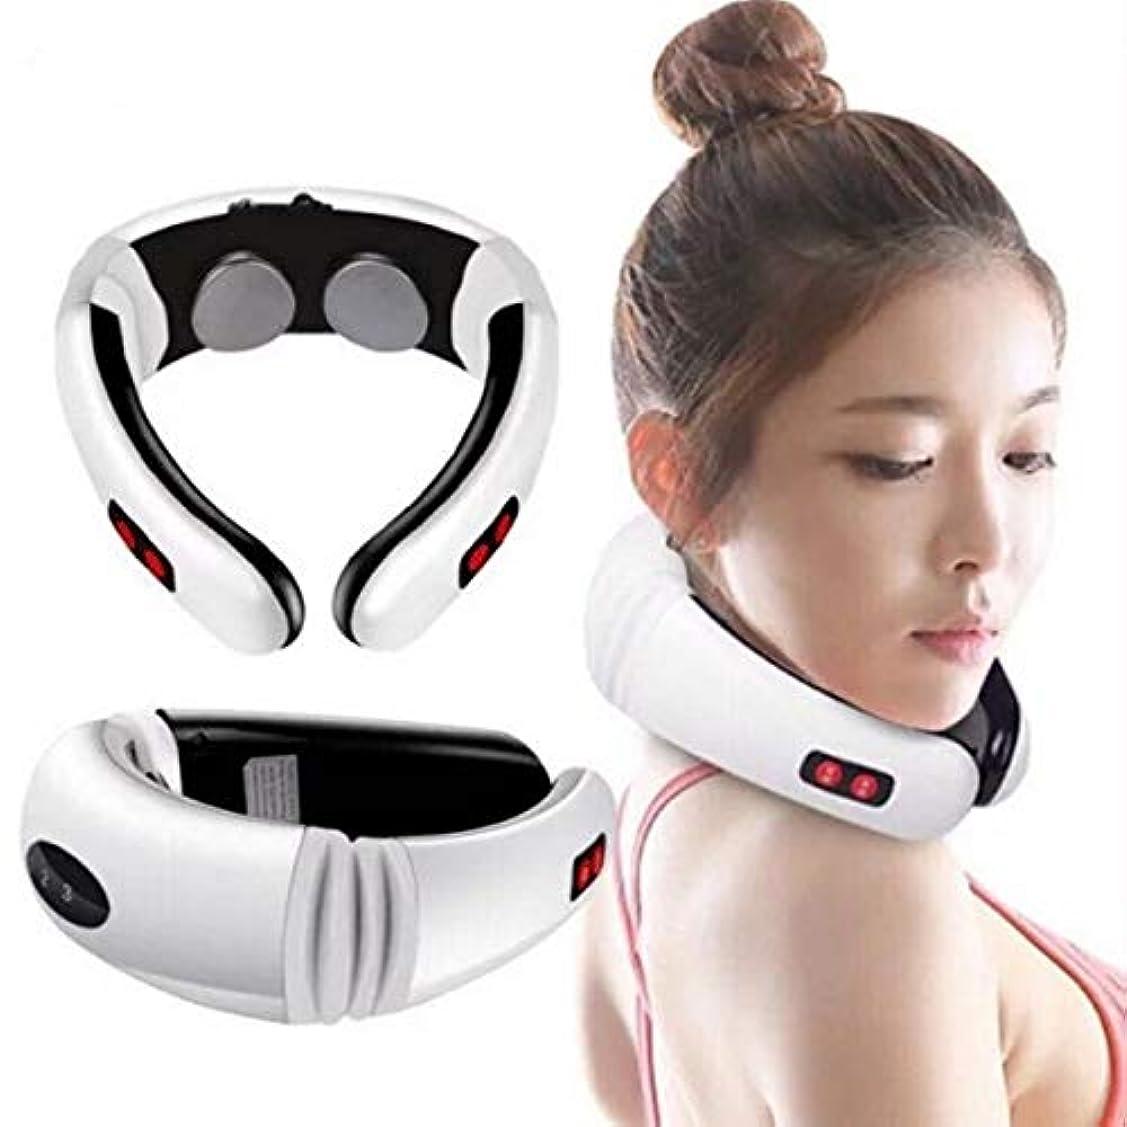 選出する不適切な祝福するWireless Massager, Electric Pulse Cervical Massager, For Neck Body Shoulder Relax Massage, Muscle Pain Relief,...